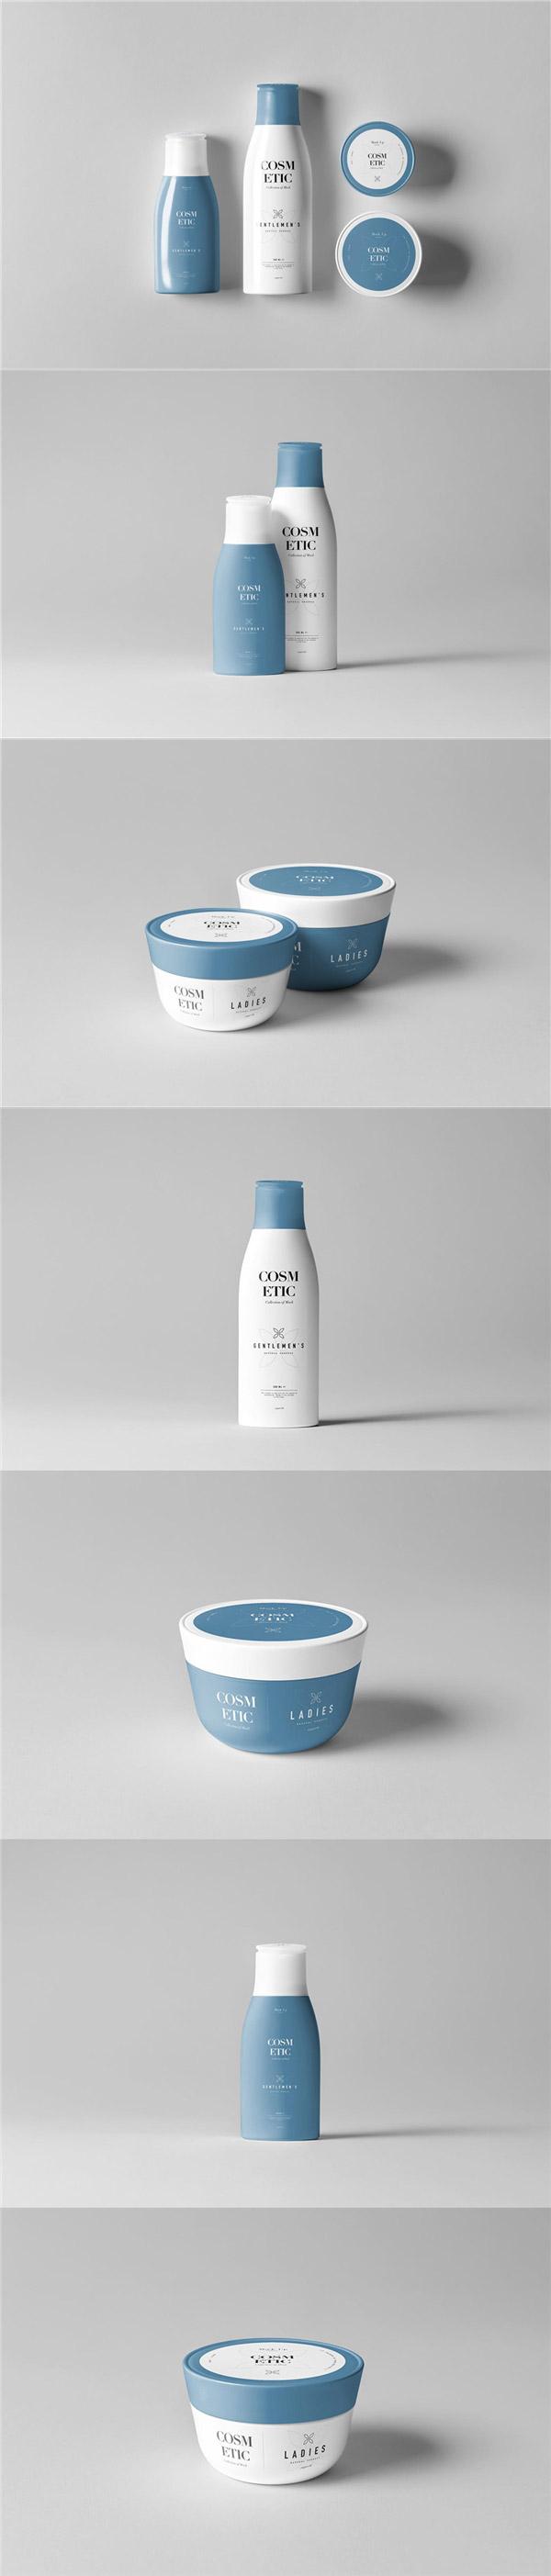 护肤品产品样机